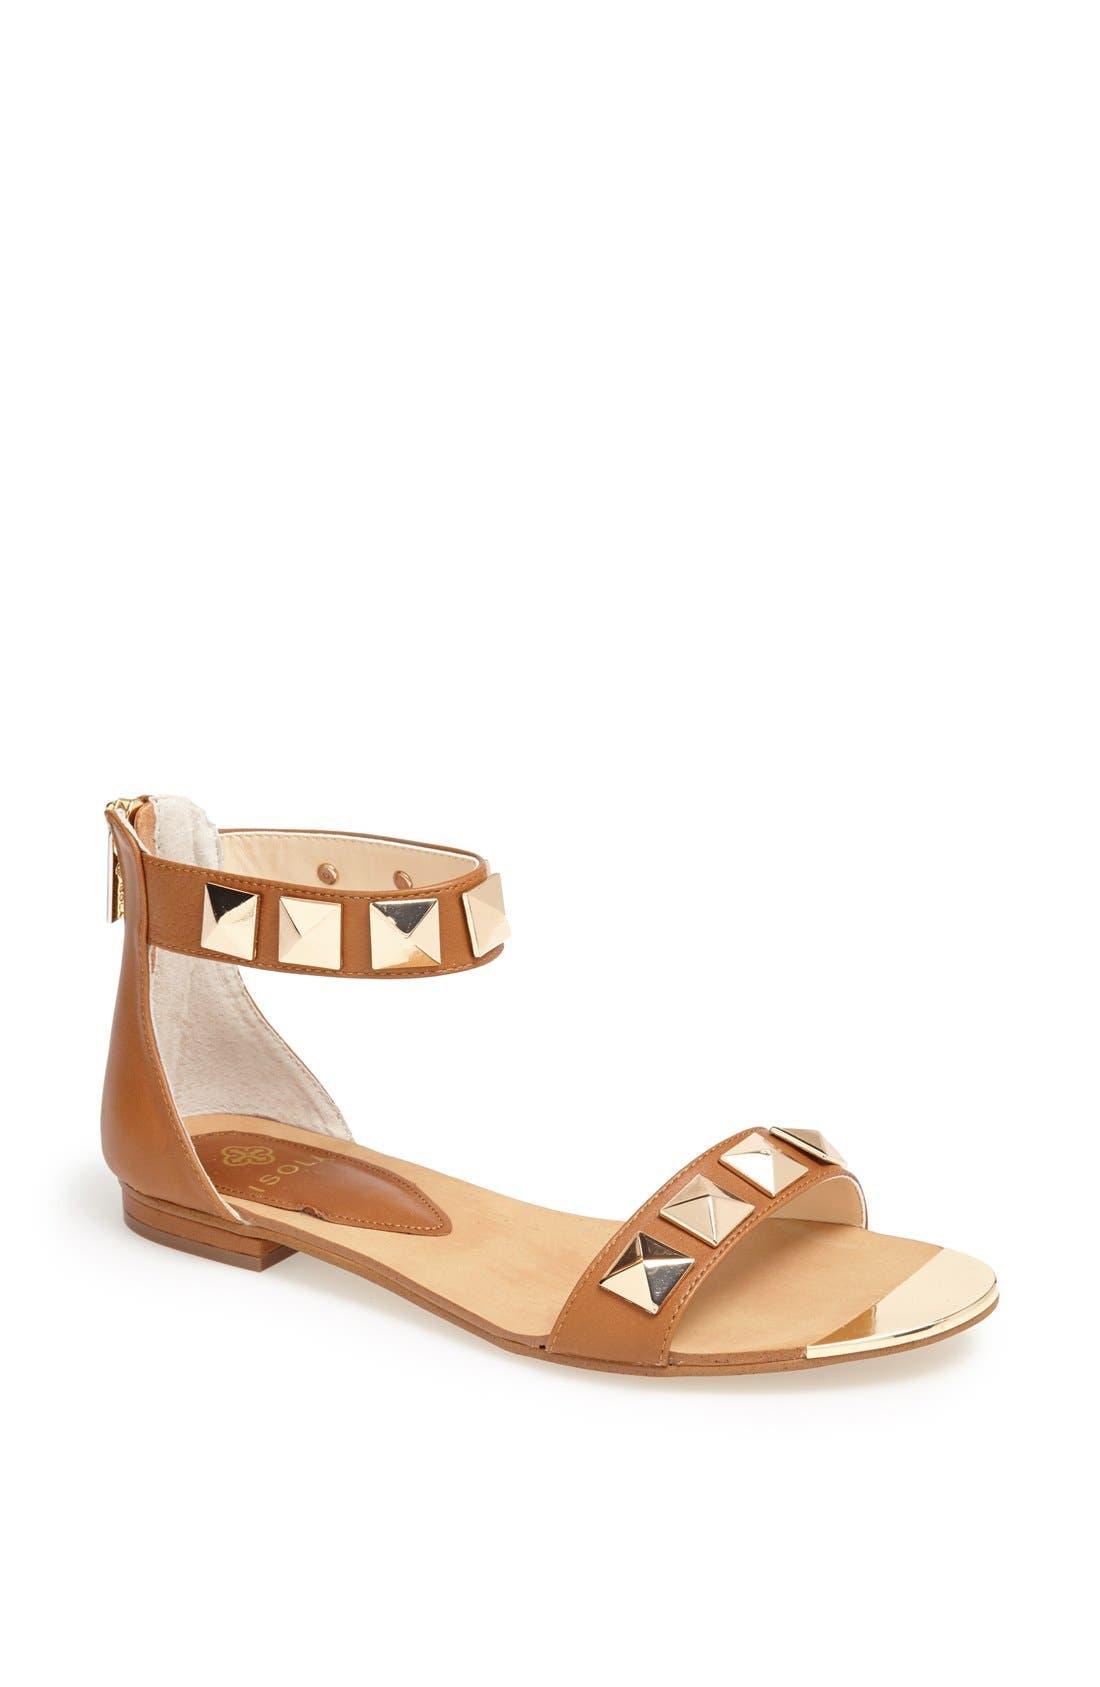 Main Image - Isolá 'Adette' Sandal